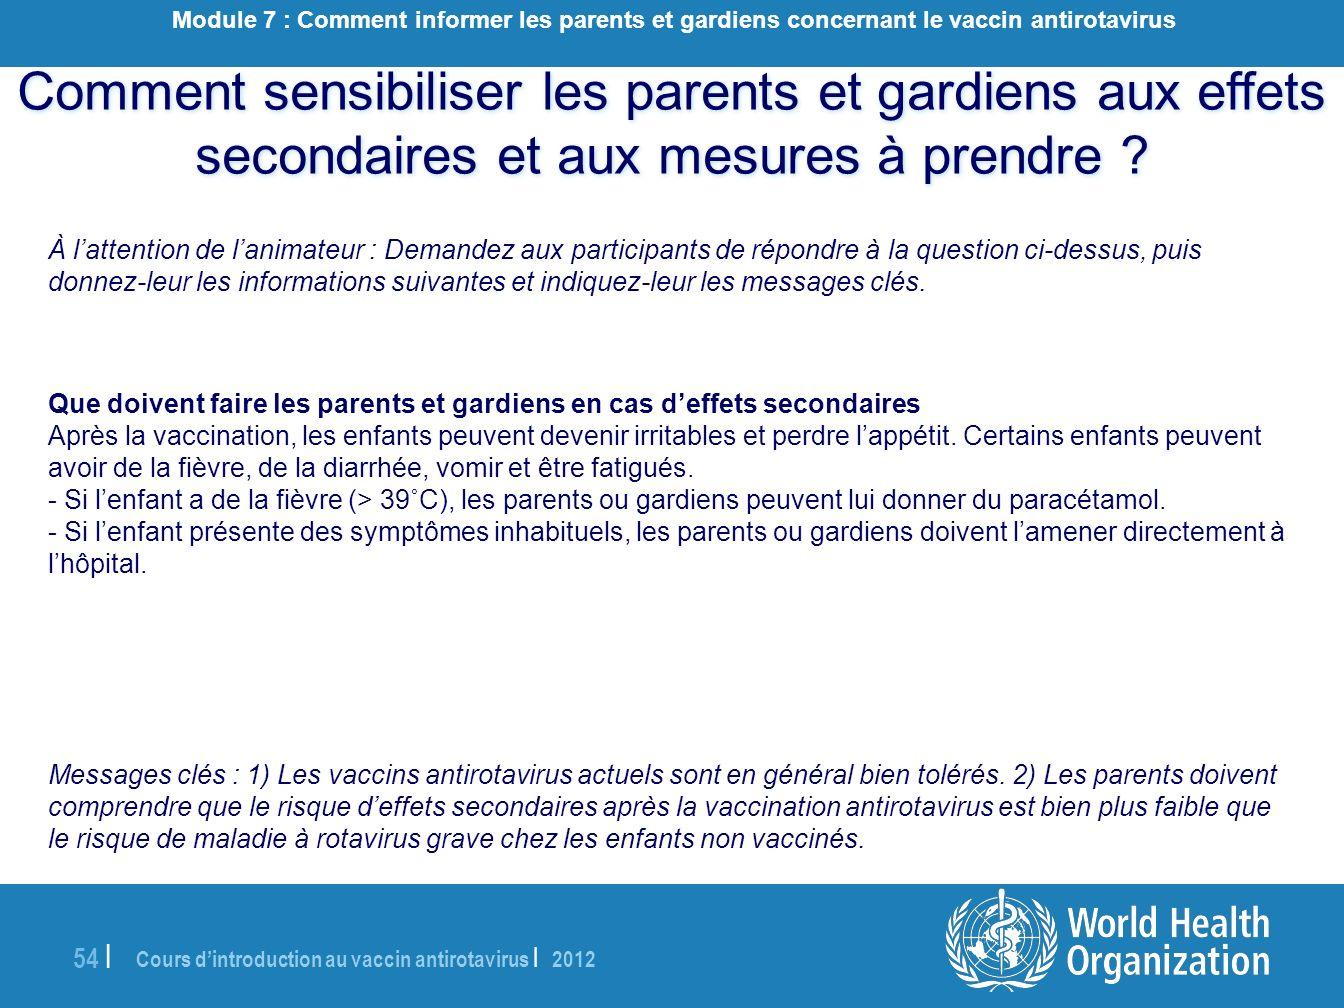 Module 7 : Comment informer les parents et gardiens concernant le vaccin antirotavirus